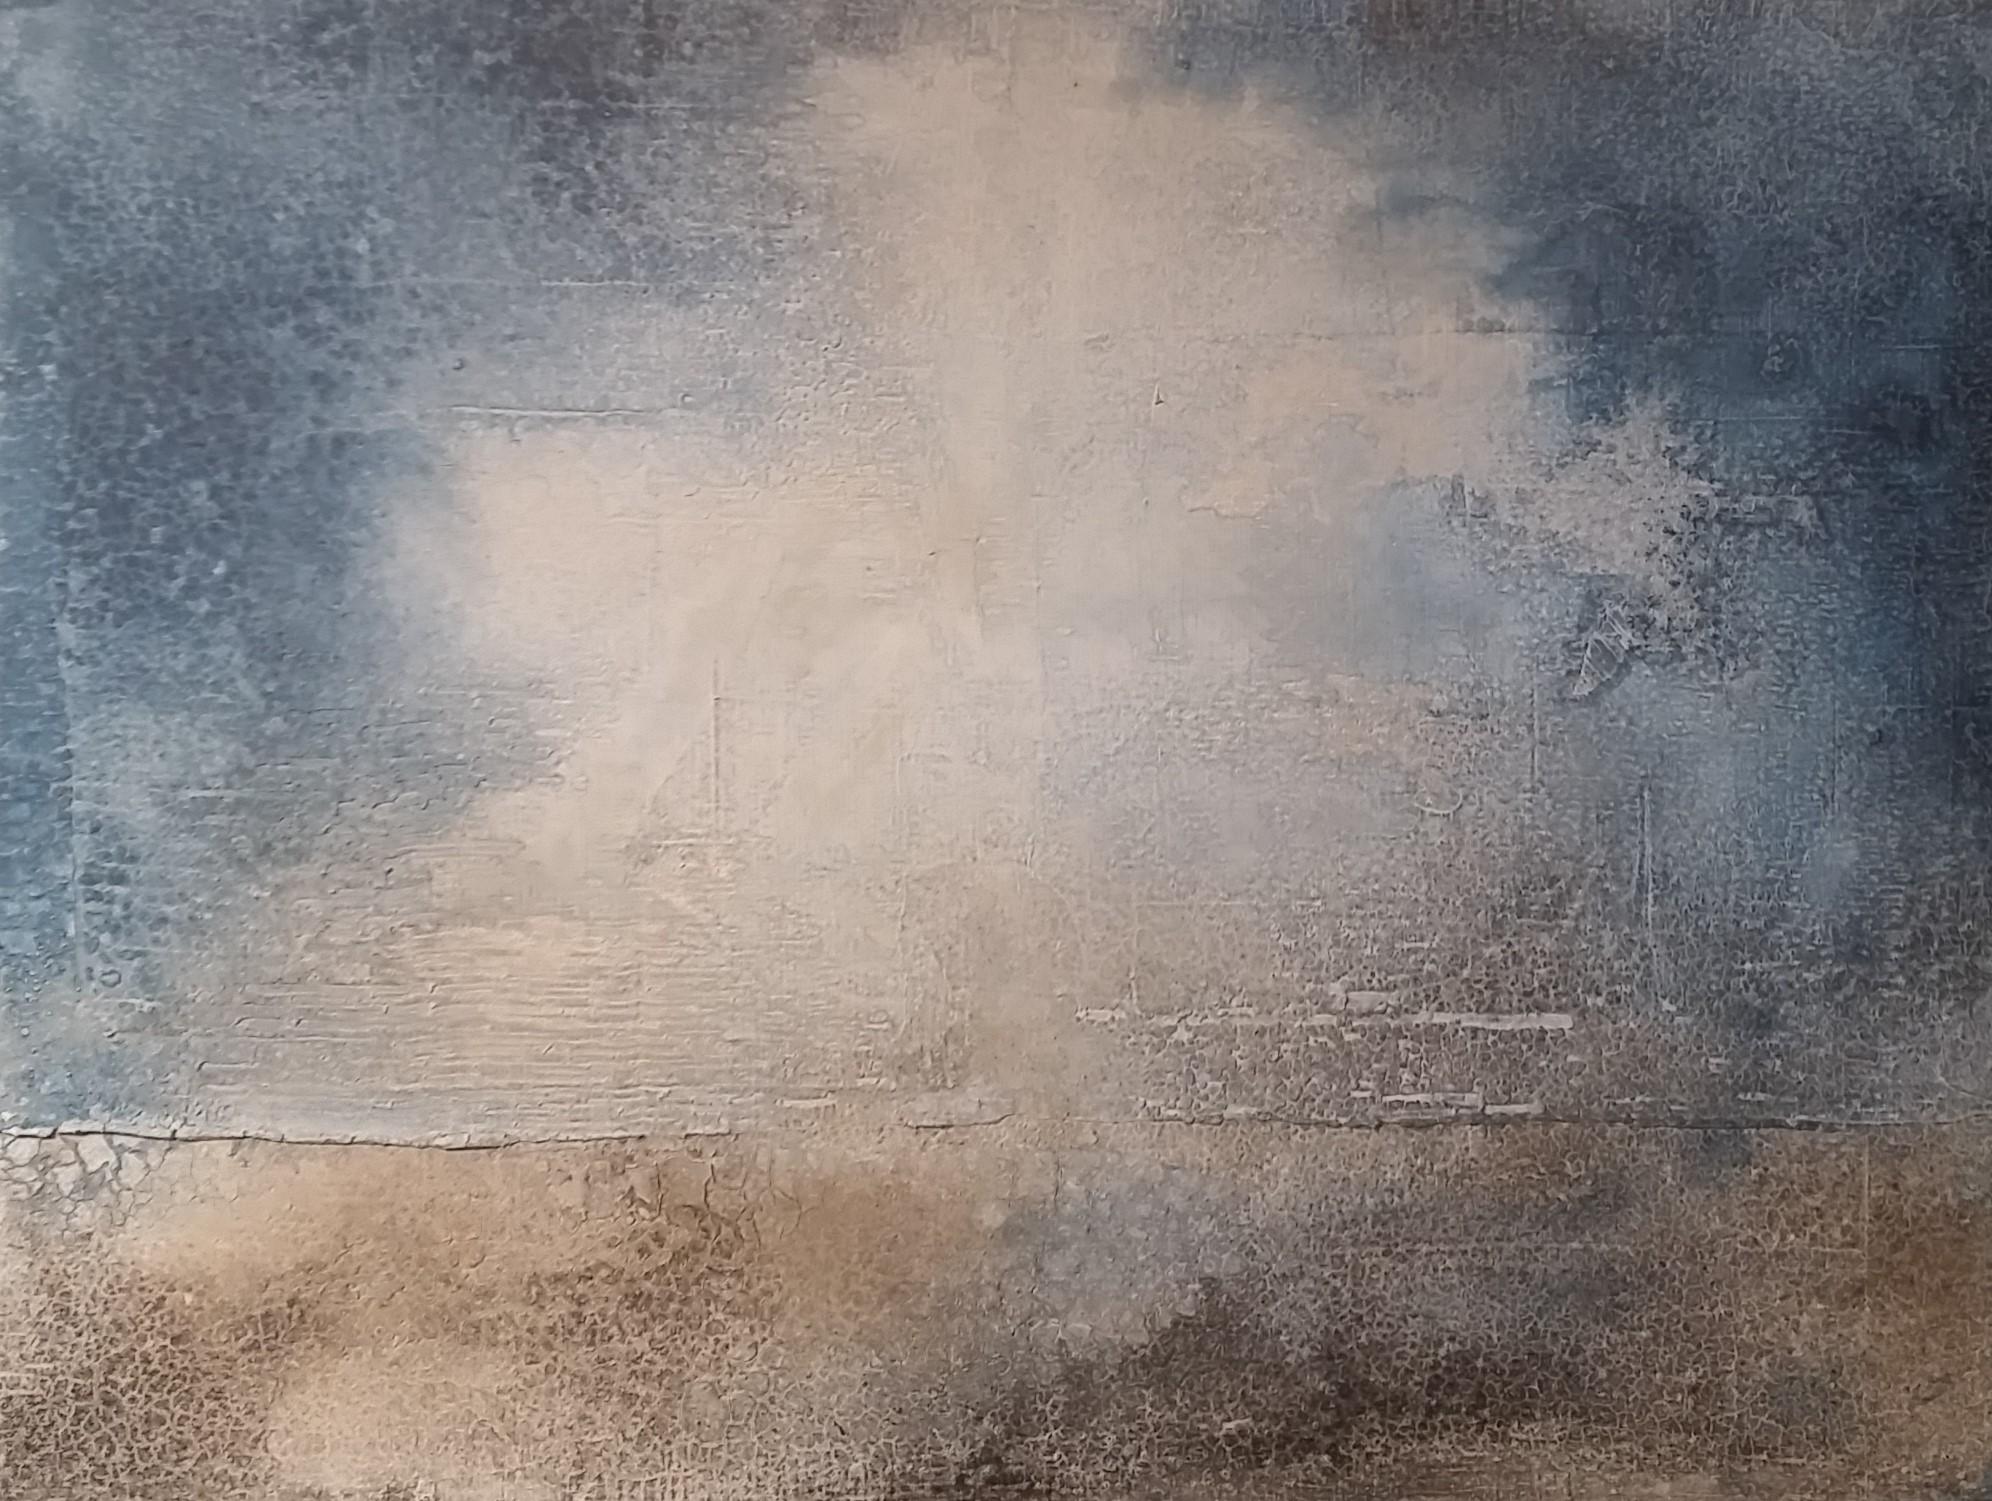 o.T. 60x50 Marmormehl, Tusche, Pigmente